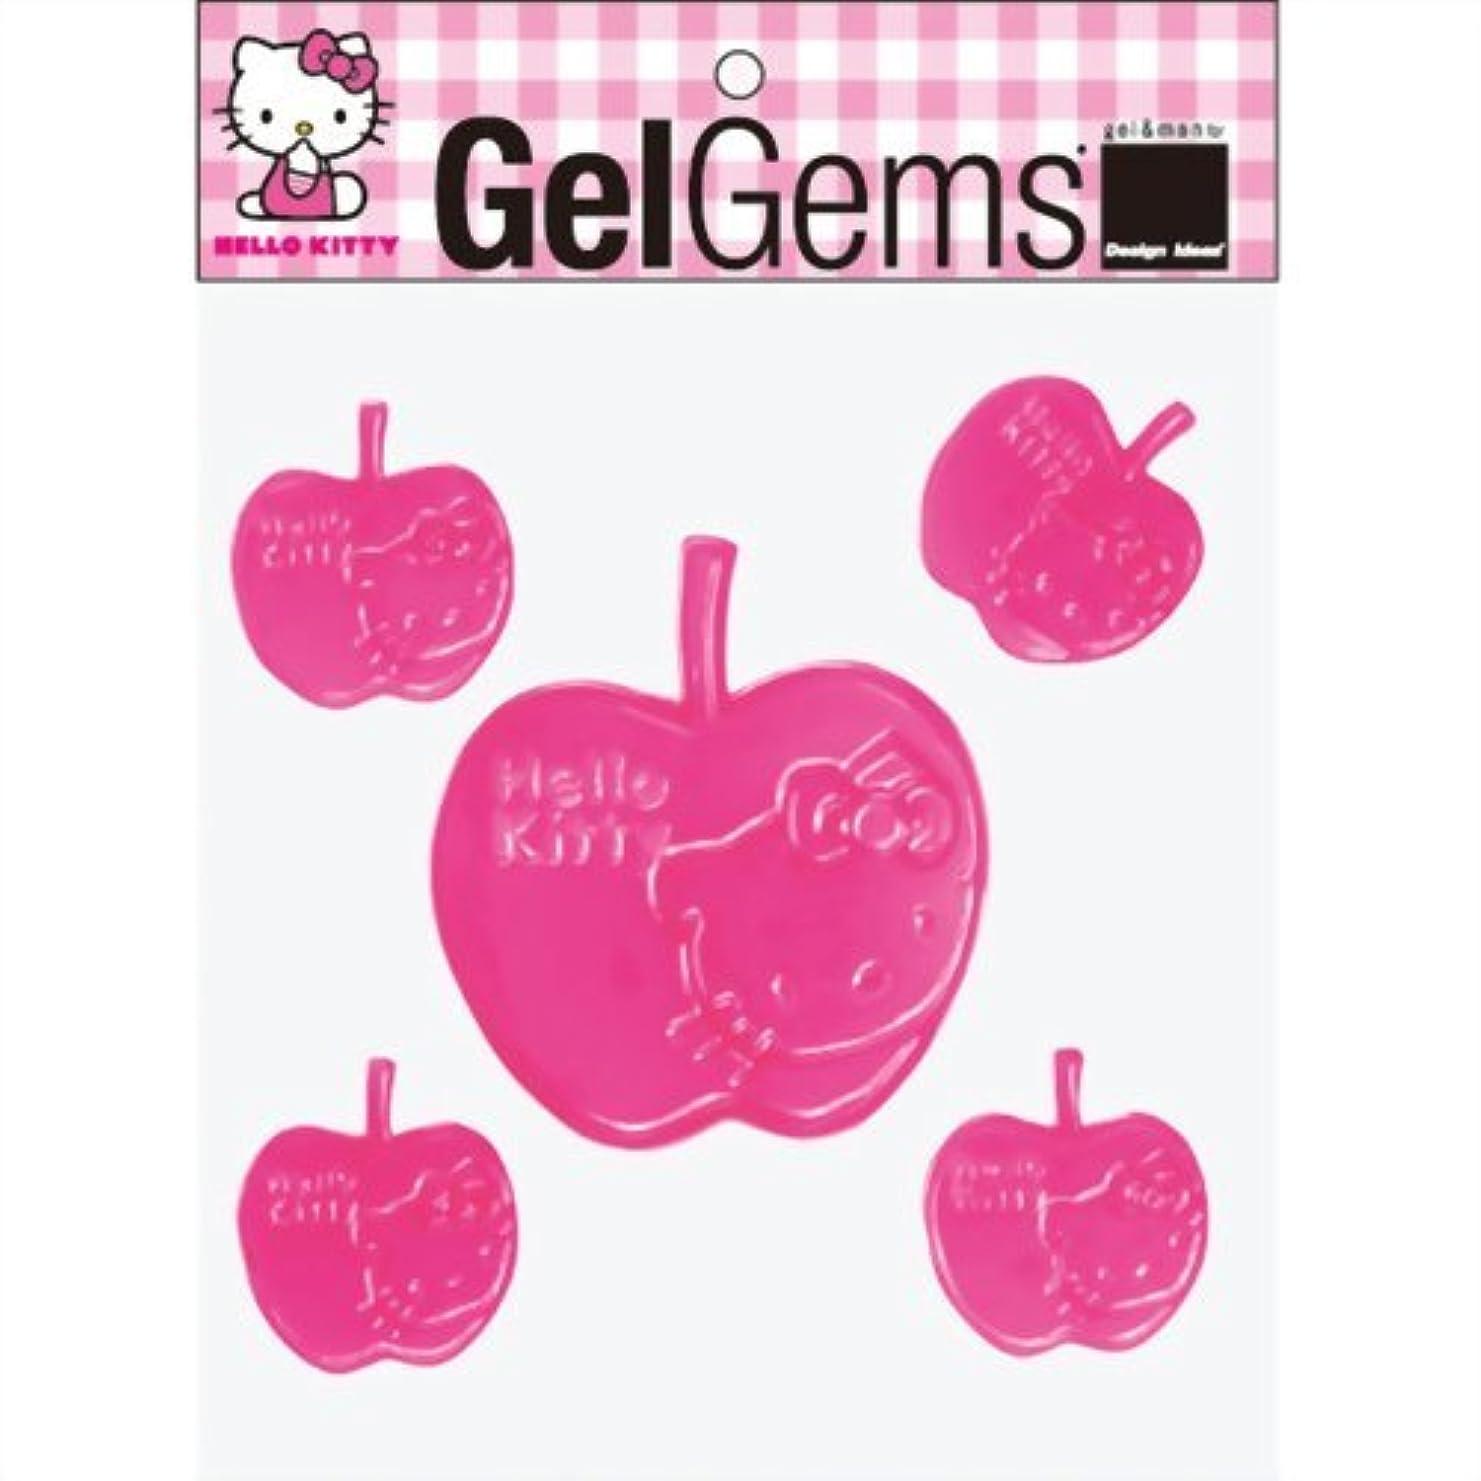 グッゲンハイム美術館パンダチョコレートジェルジェムハローキティバッグS 「 ピンクリンゴ 」 E1200002